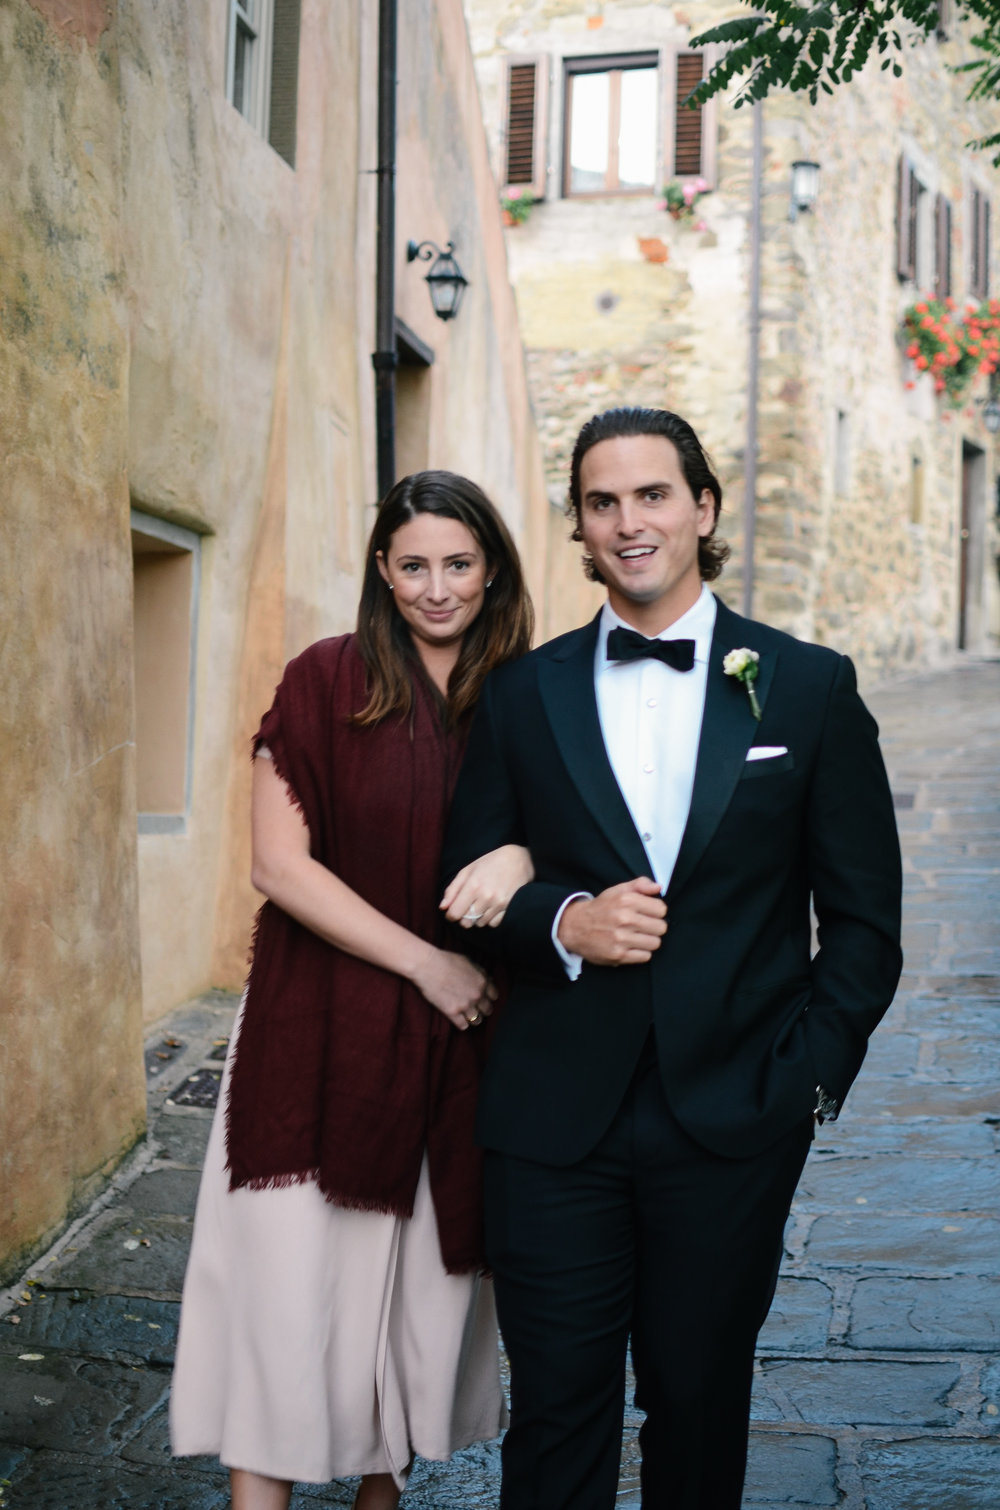 il-borro-toscana-wedding-tuscany-lifeonpine_DSC_1063.jpg